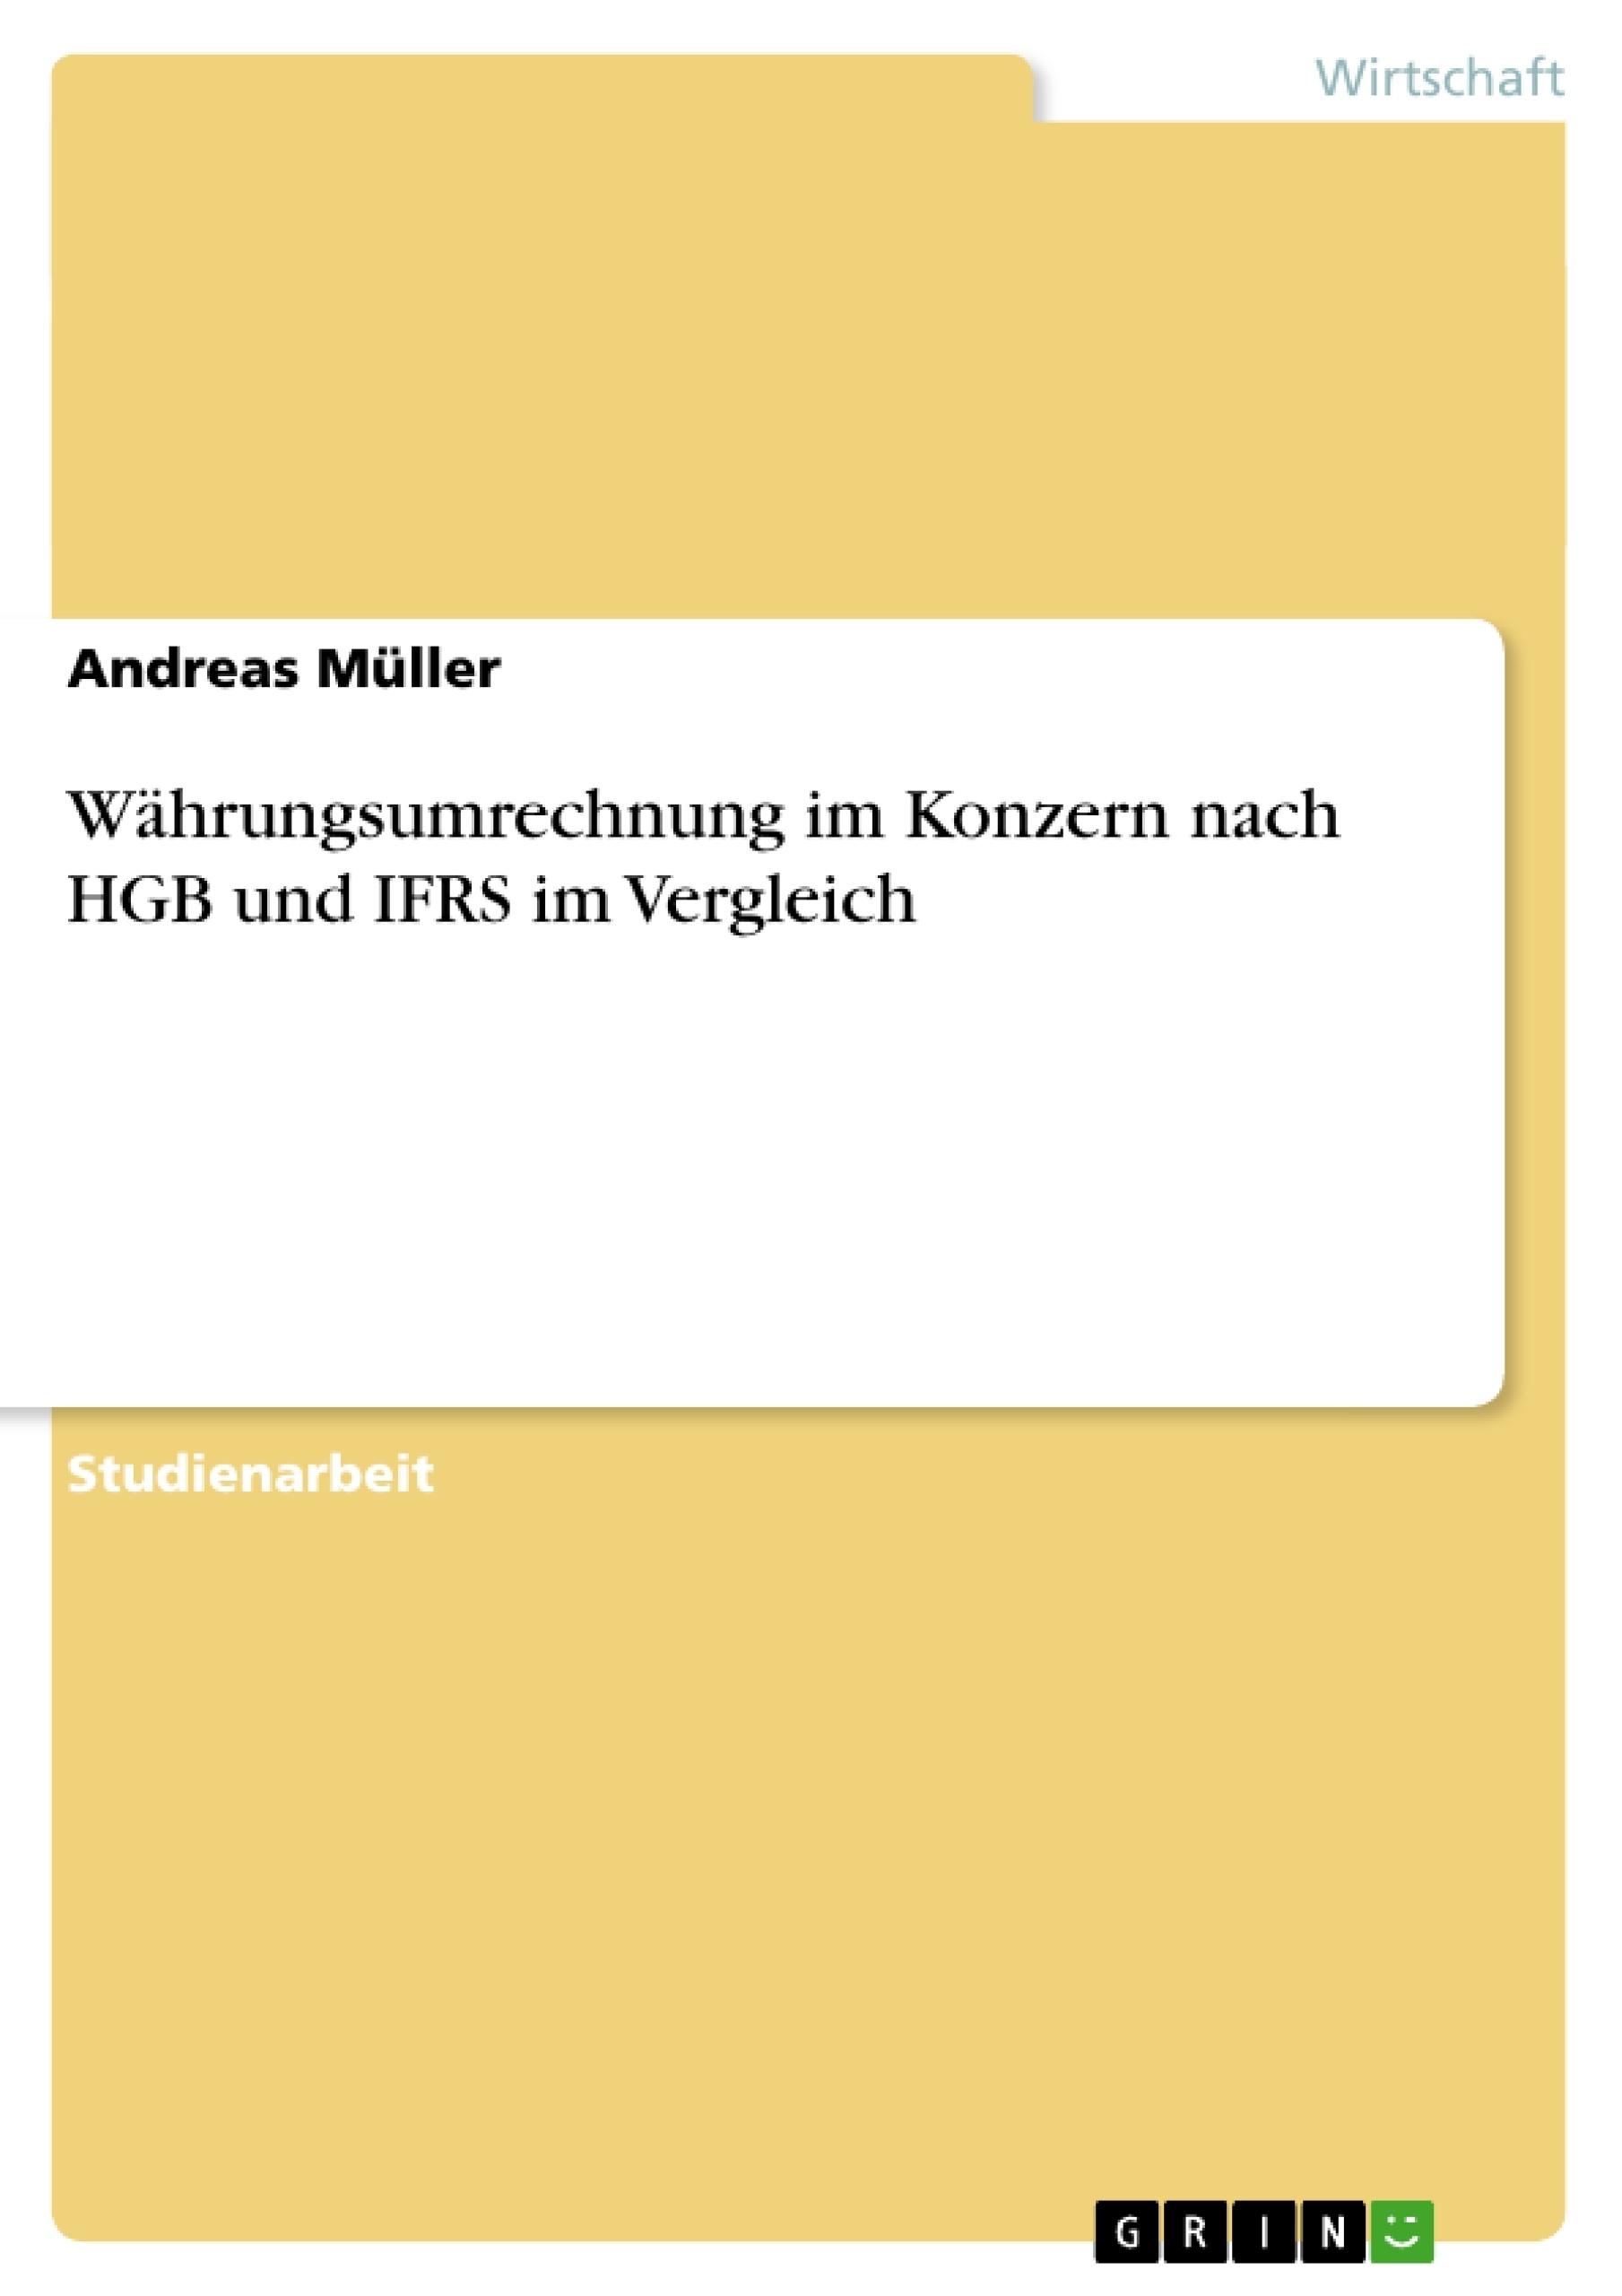 Titel: Währungsumrechnung im Konzern nach HGB und IFRS im Vergleich